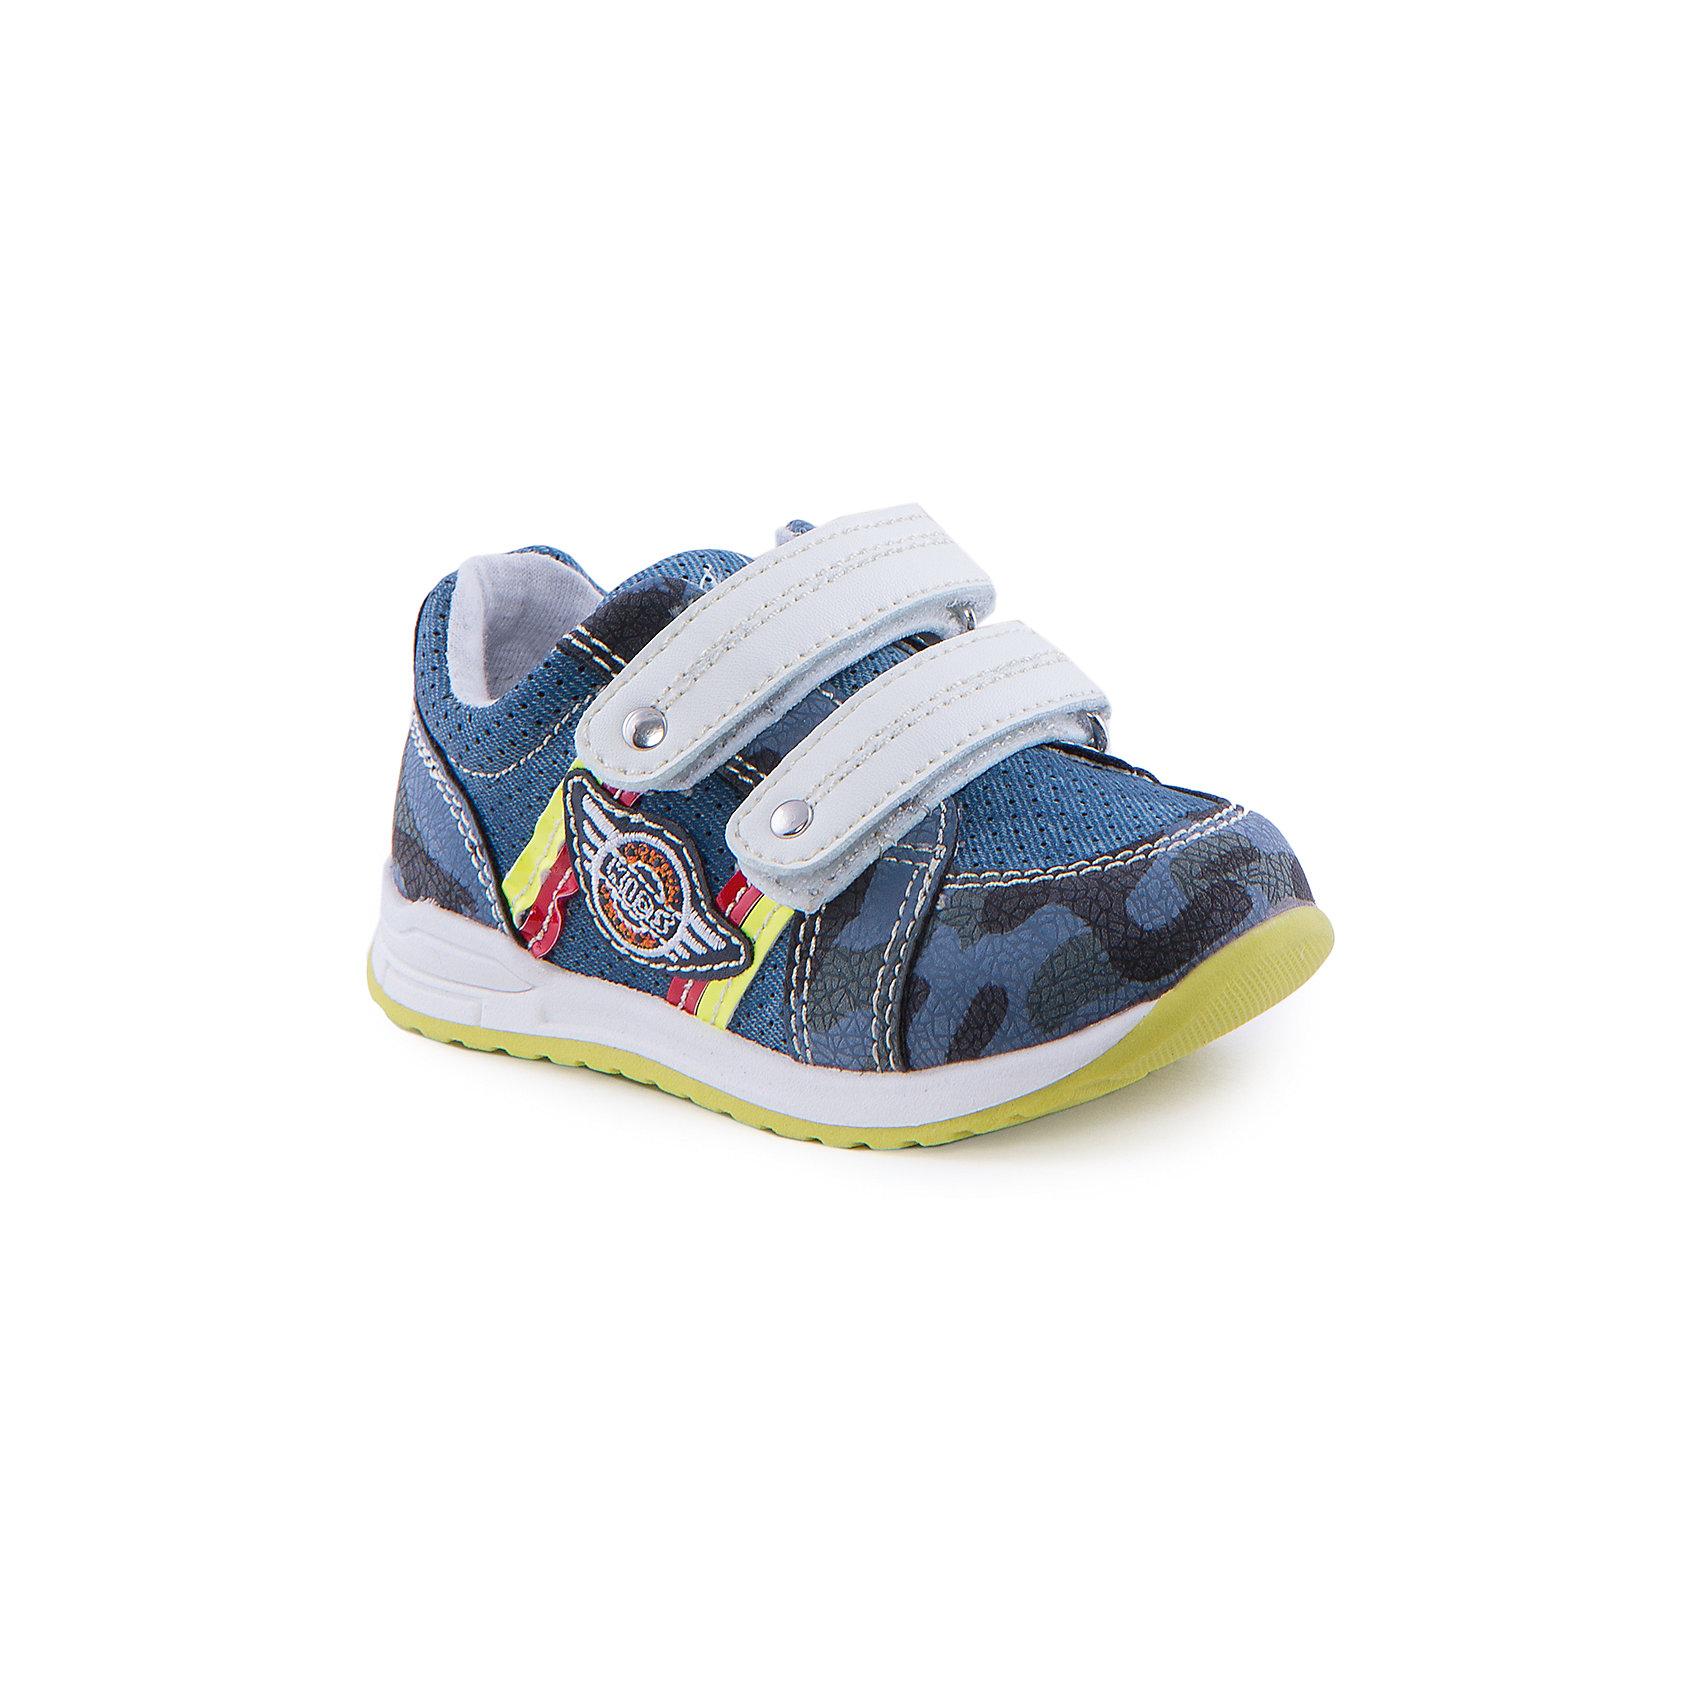 Кроссовки для мальчика Indigo kidsКроссовки<br>Ботинки для мальчика от известного бренда Indigo kids<br><br>Стильные и удобные ботинки выполнены в стиле милитари. Очень оригинальная и модная модель создана специально для мальчиков. Ботинки легко надеваются благодаря липучкам и комфортно садятся по ноге. <br><br>Особенности модели:<br><br>- цвет - под синюю джинсу;<br>- стильный дизайн;<br>- удобная колодка;<br>- текстильная подкладка;<br>- качественная контрастная прошивка;<br>- декорированы аппликацией и яркими элементами;<br>- устойчивая салатово/белая подошва;<br>- застежки: две белые липучки.<br><br>Дополнительная информация:<br><br>Состав:<br><br>верх – искусственная кожа;<br>подкладка - текстиль;<br>подошва - ТЭП.<br><br>Ботинки для мальчика Indigo kids (Индиго Кидс) можно купить в нашем магазине.<br><br>Ширина мм: 262<br>Глубина мм: 176<br>Высота мм: 97<br>Вес г: 427<br>Цвет: синий<br>Возраст от месяцев: 12<br>Возраст до месяцев: 15<br>Пол: Мужской<br>Возраст: Детский<br>Размер: 21,26,25,24,23,22<br>SKU: 4519943